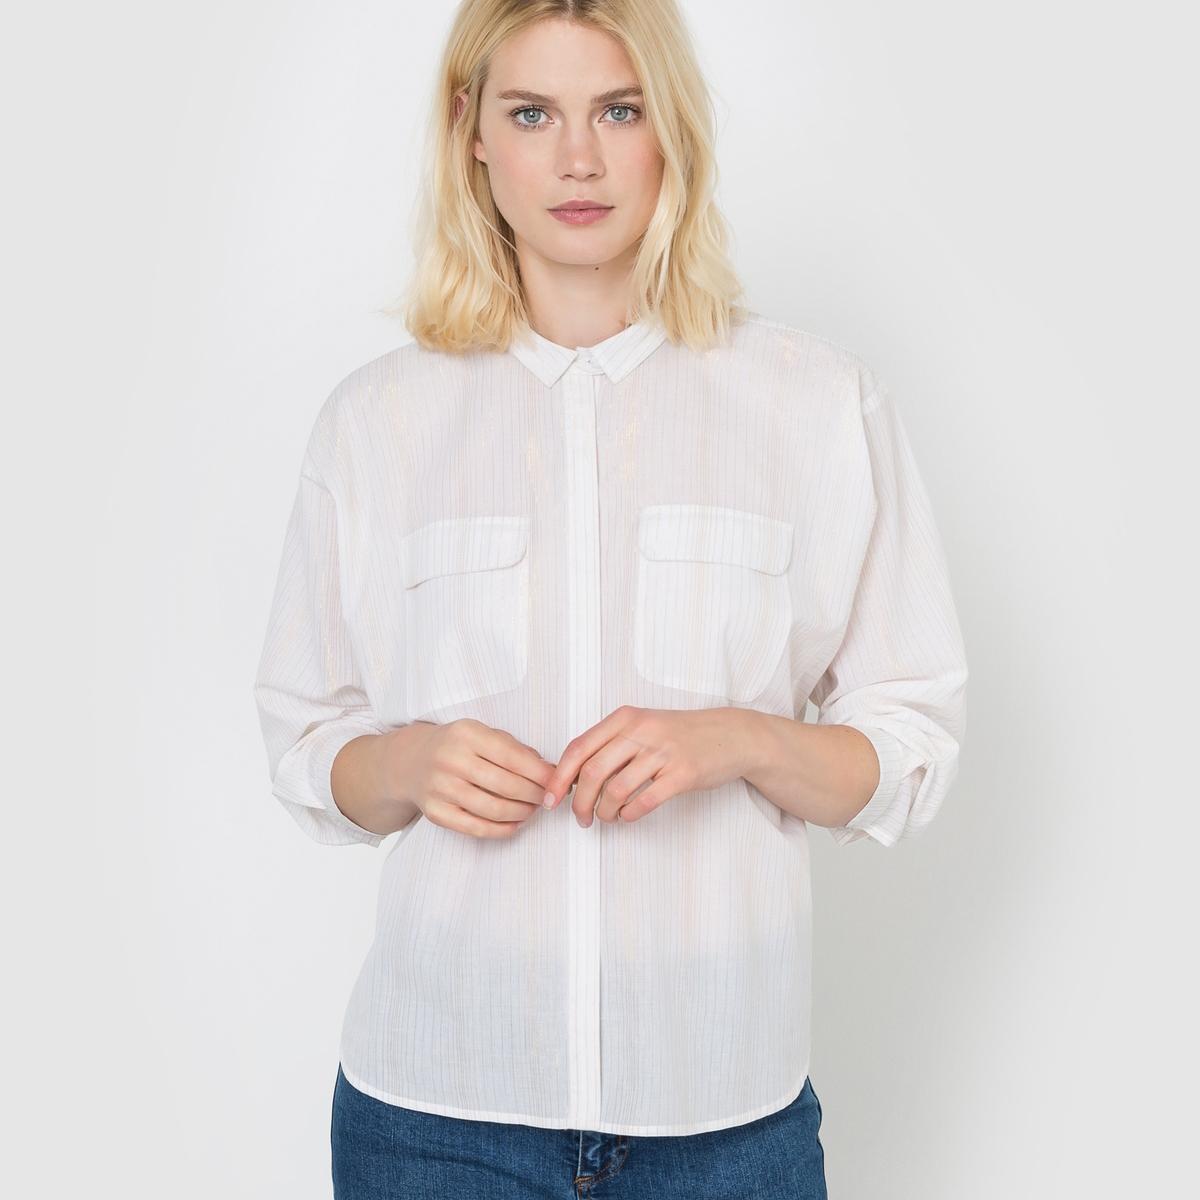 Camisa de mangas compridas